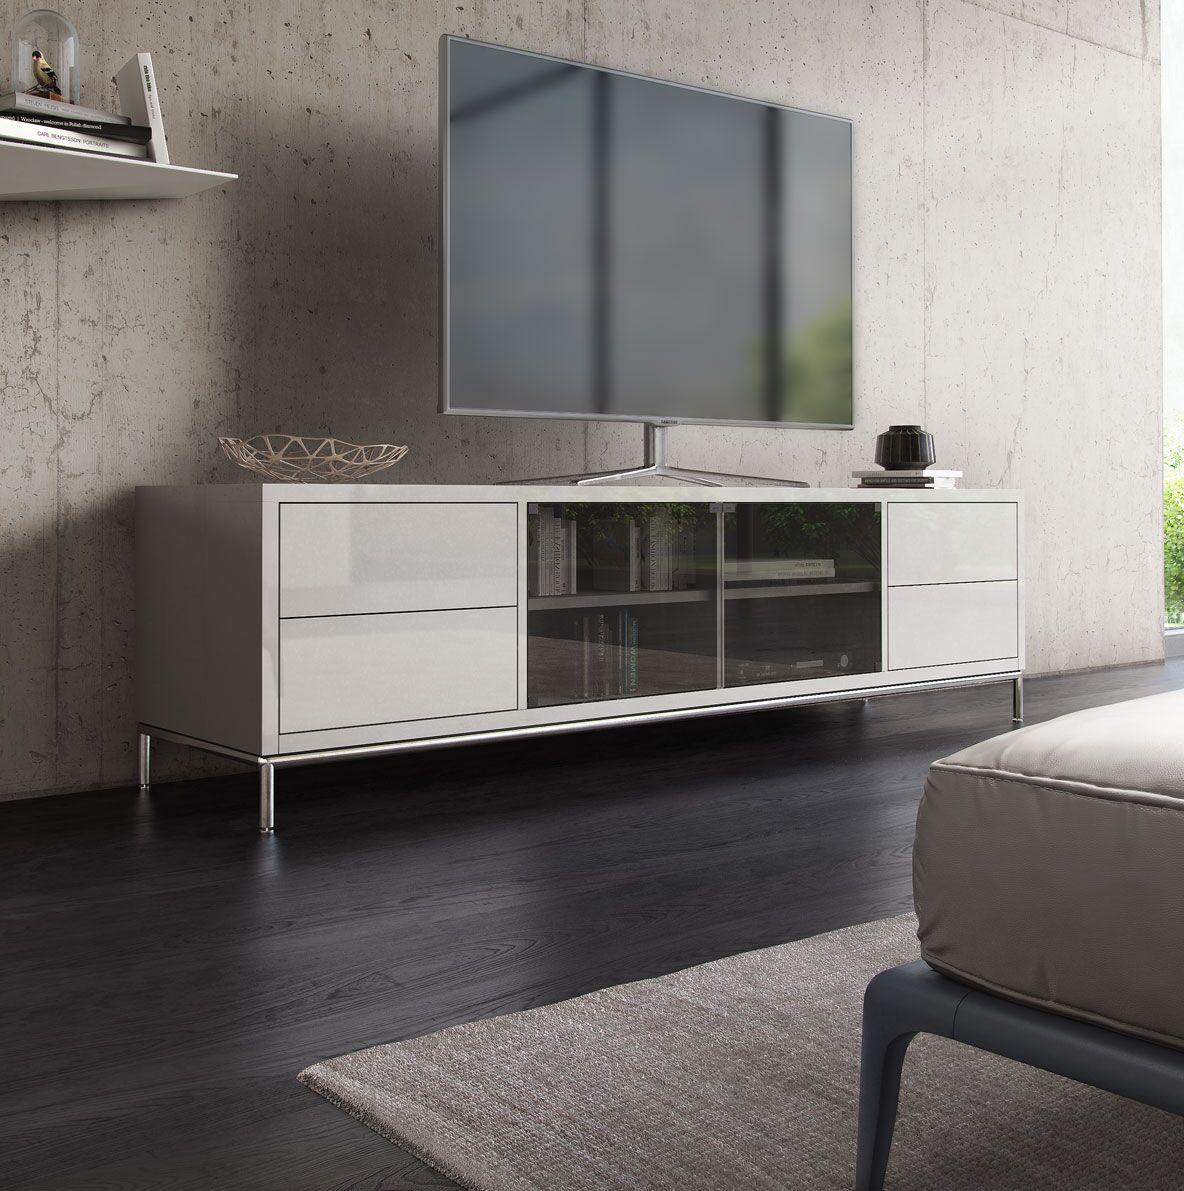 Multimedia Cabinet Color: White Lacquer